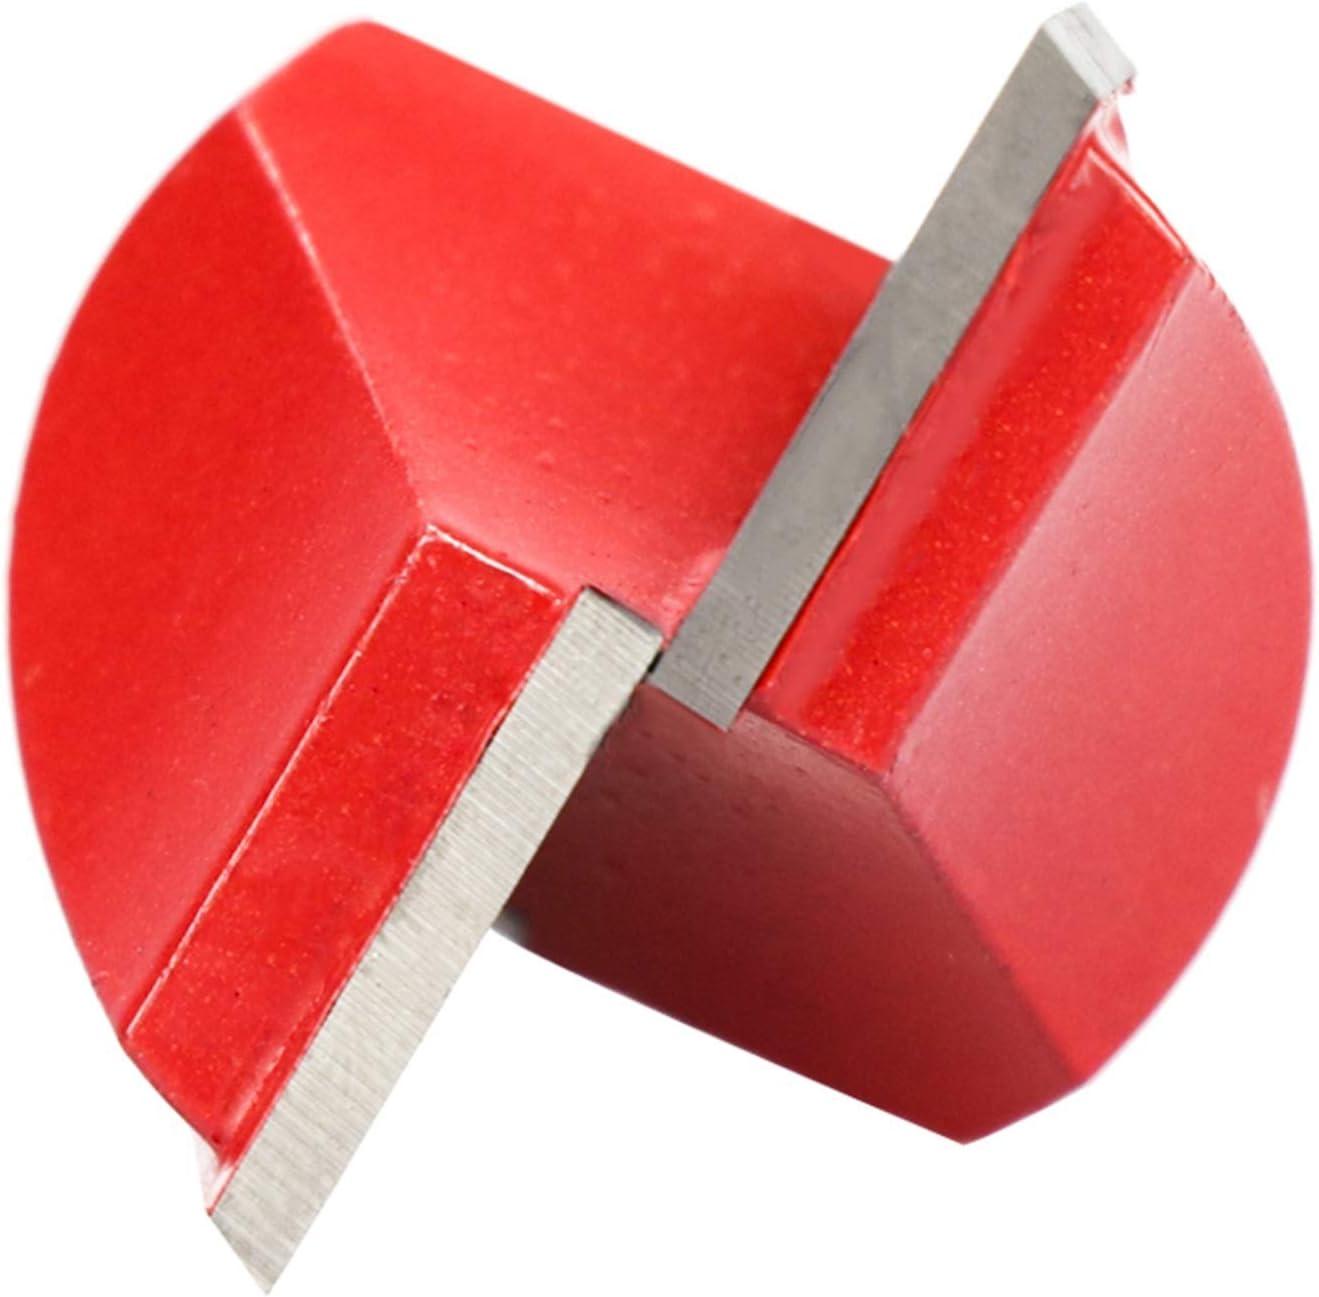 bits de Grabado de la Limpieza de la Limpieza de la Cubierta de Madera de 28 mm Robusto y Duradero Lueao Cqinju-Fresas Tipo v/ástago bit Router de Madera de fresado CNC de 6mm CNC 1pc